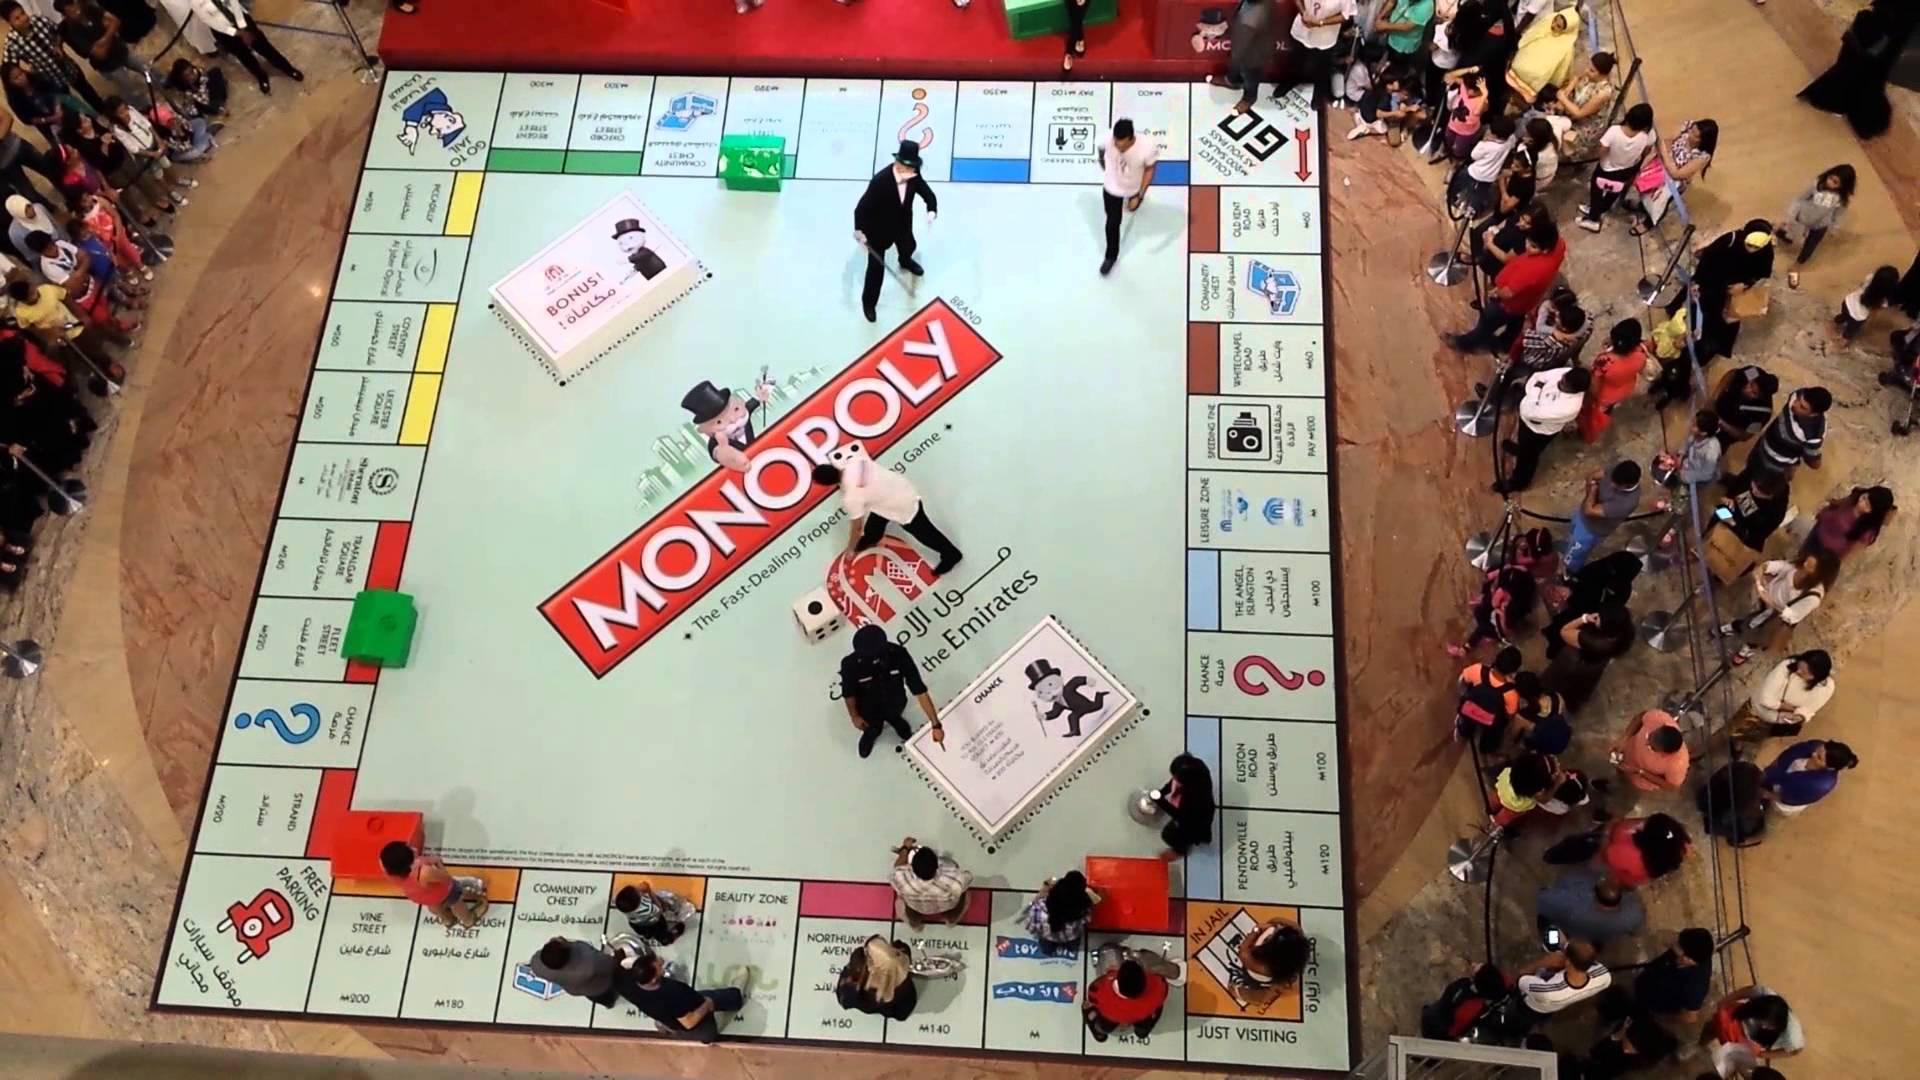 Une partie de Monopoly grandeur nature dans le centre commercial Mall of Emirates